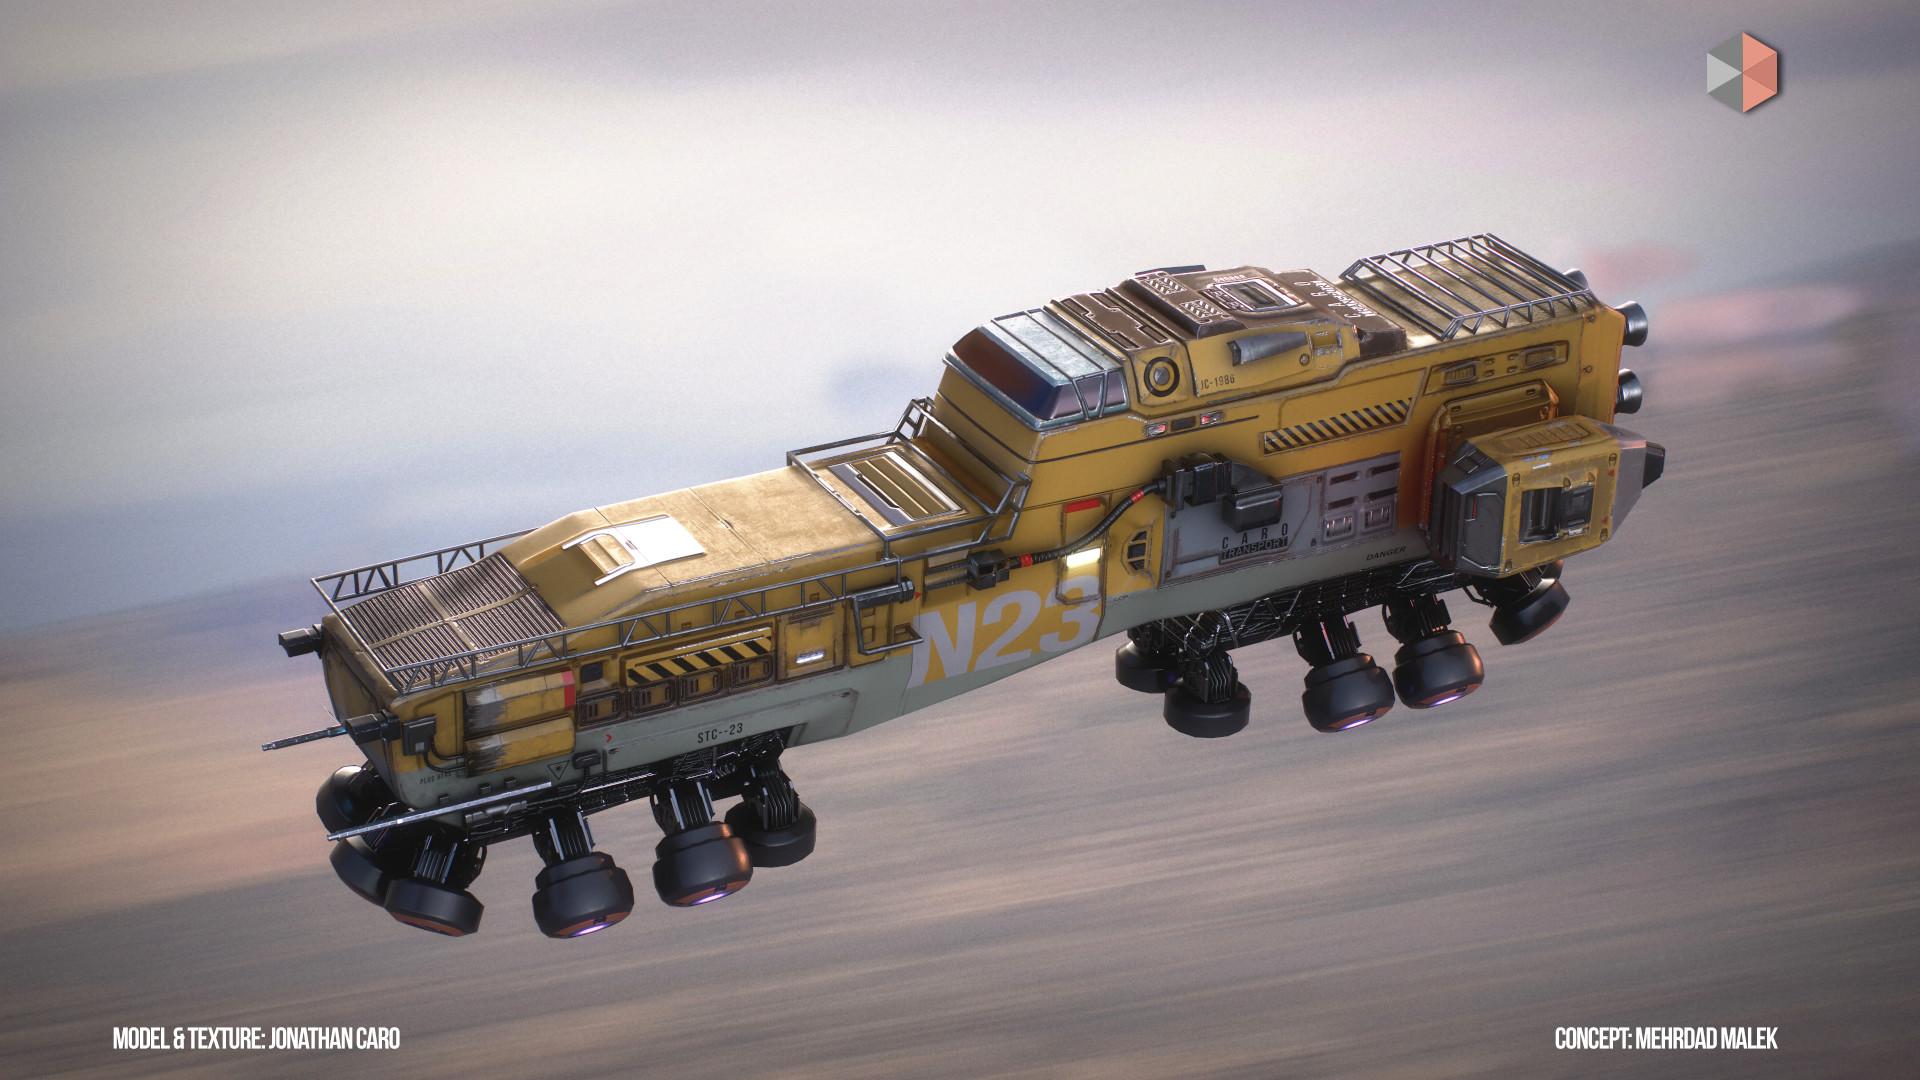 Jonathan caro jcspacetrain flying